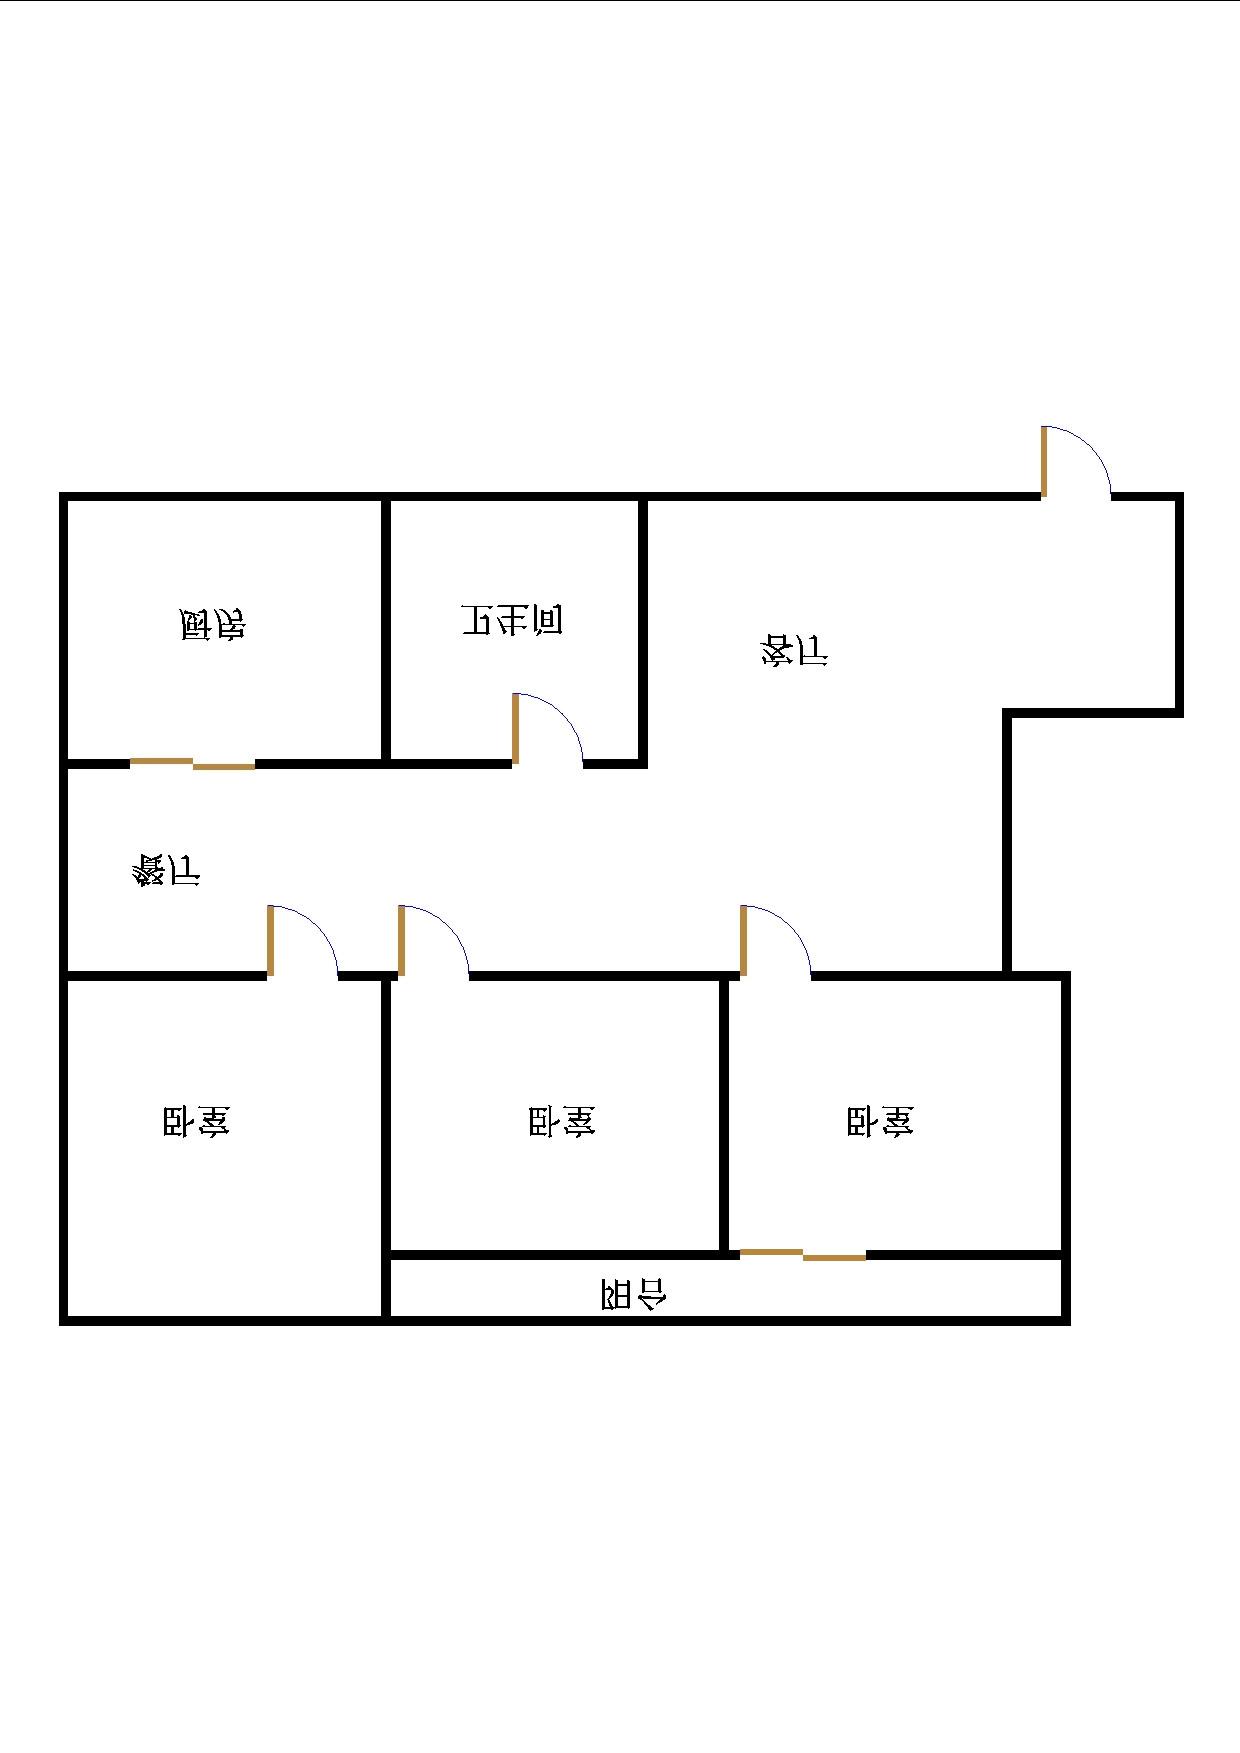 东海花园 3室2厅 双证齐全 简装 145万